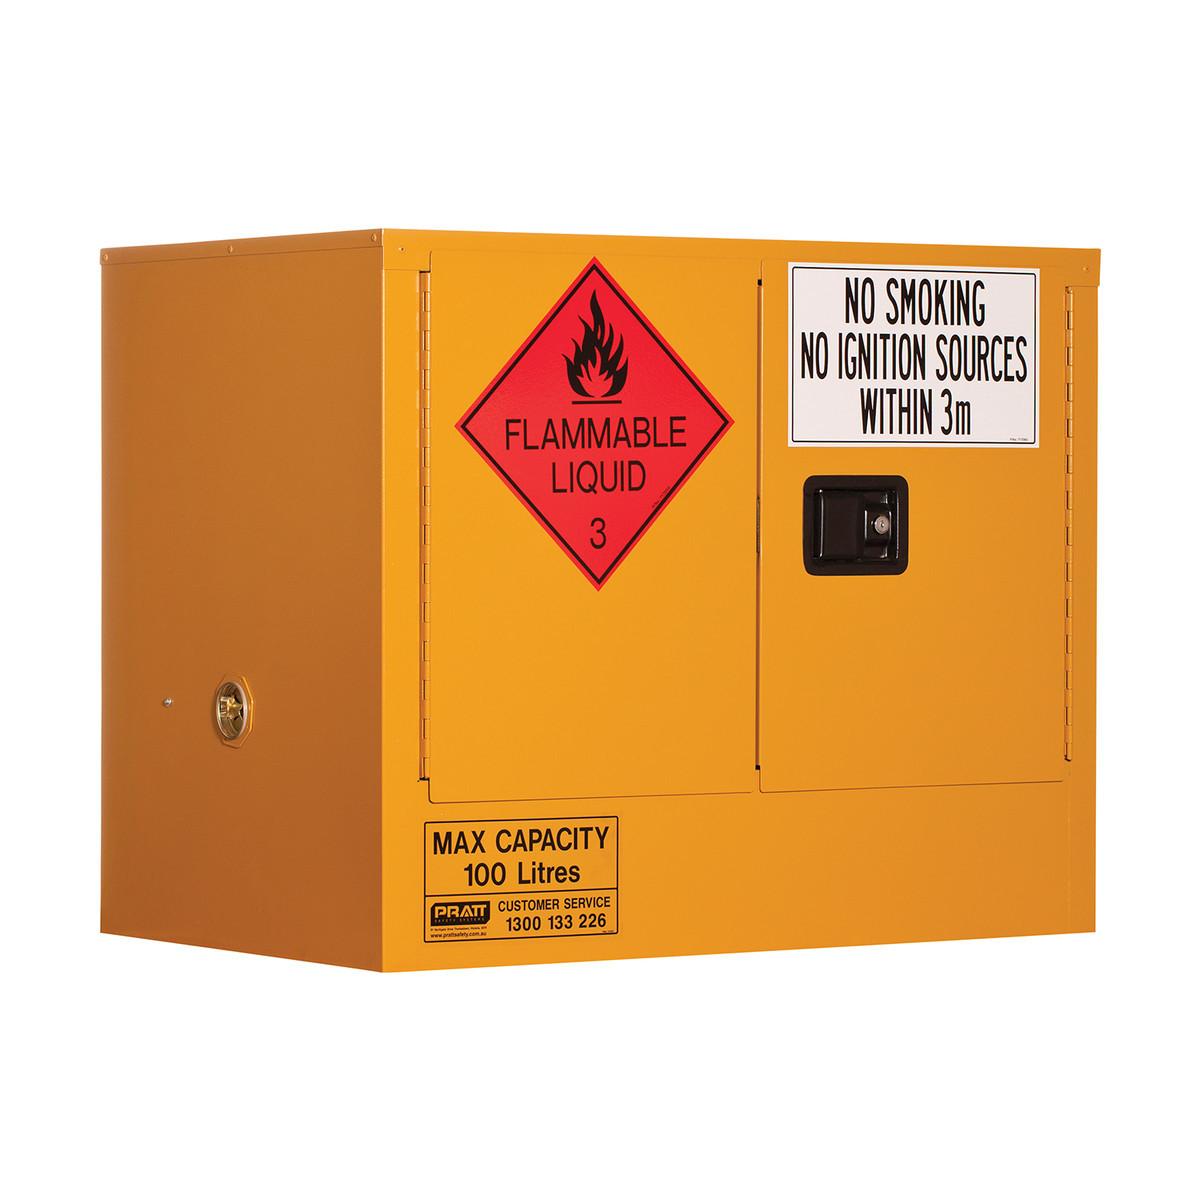 Flammable Storage Cabinet 100 Litres - 2 Door, 1 Shelf